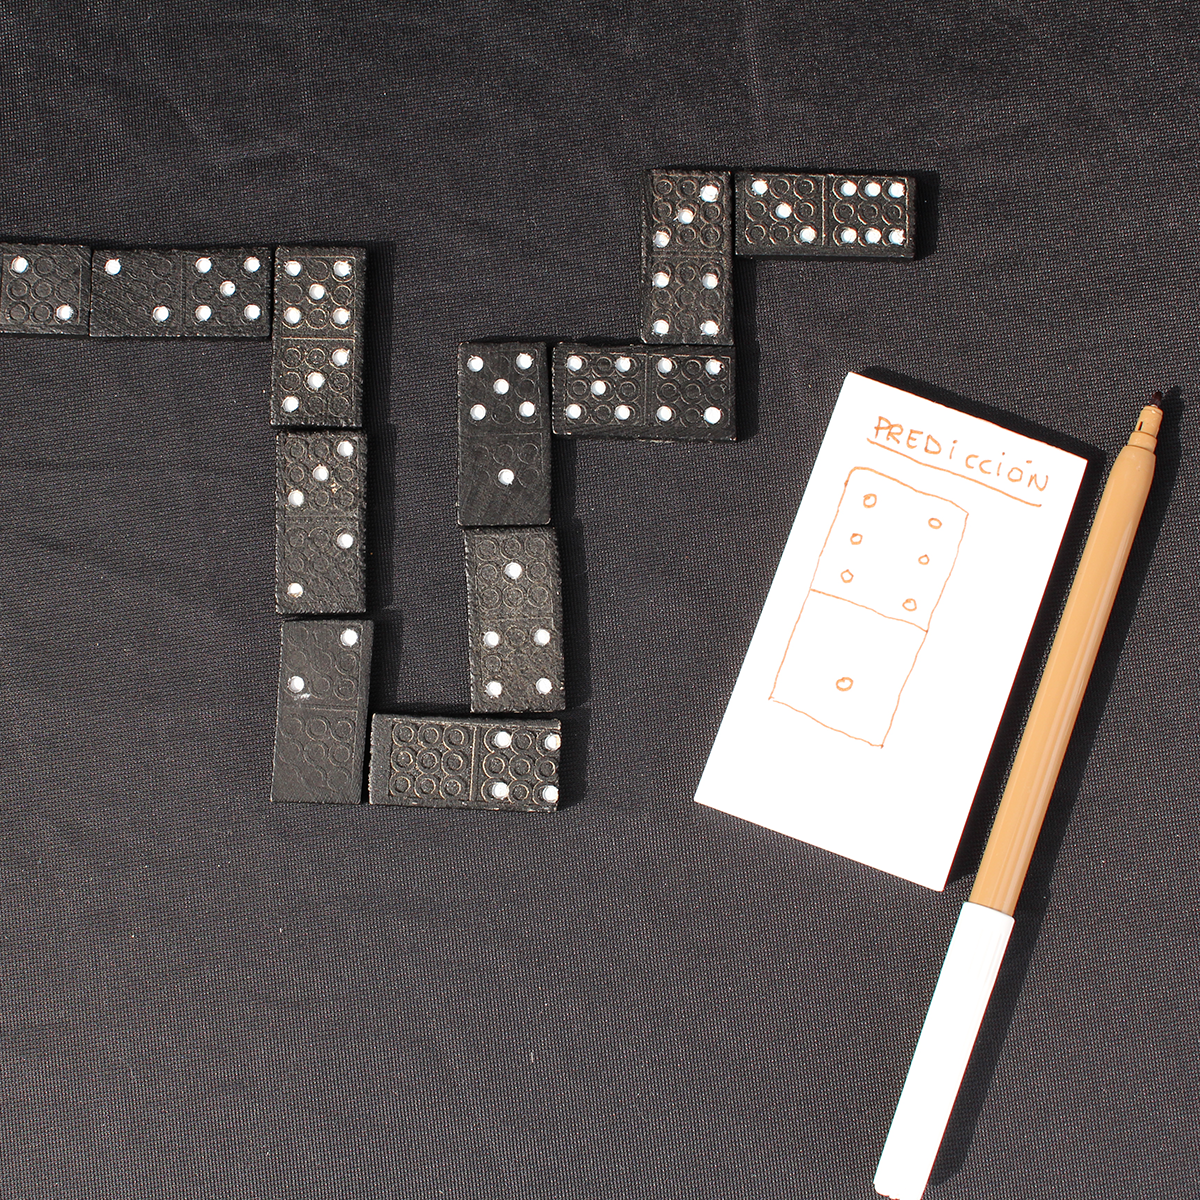 R002-prediccion-domino-3